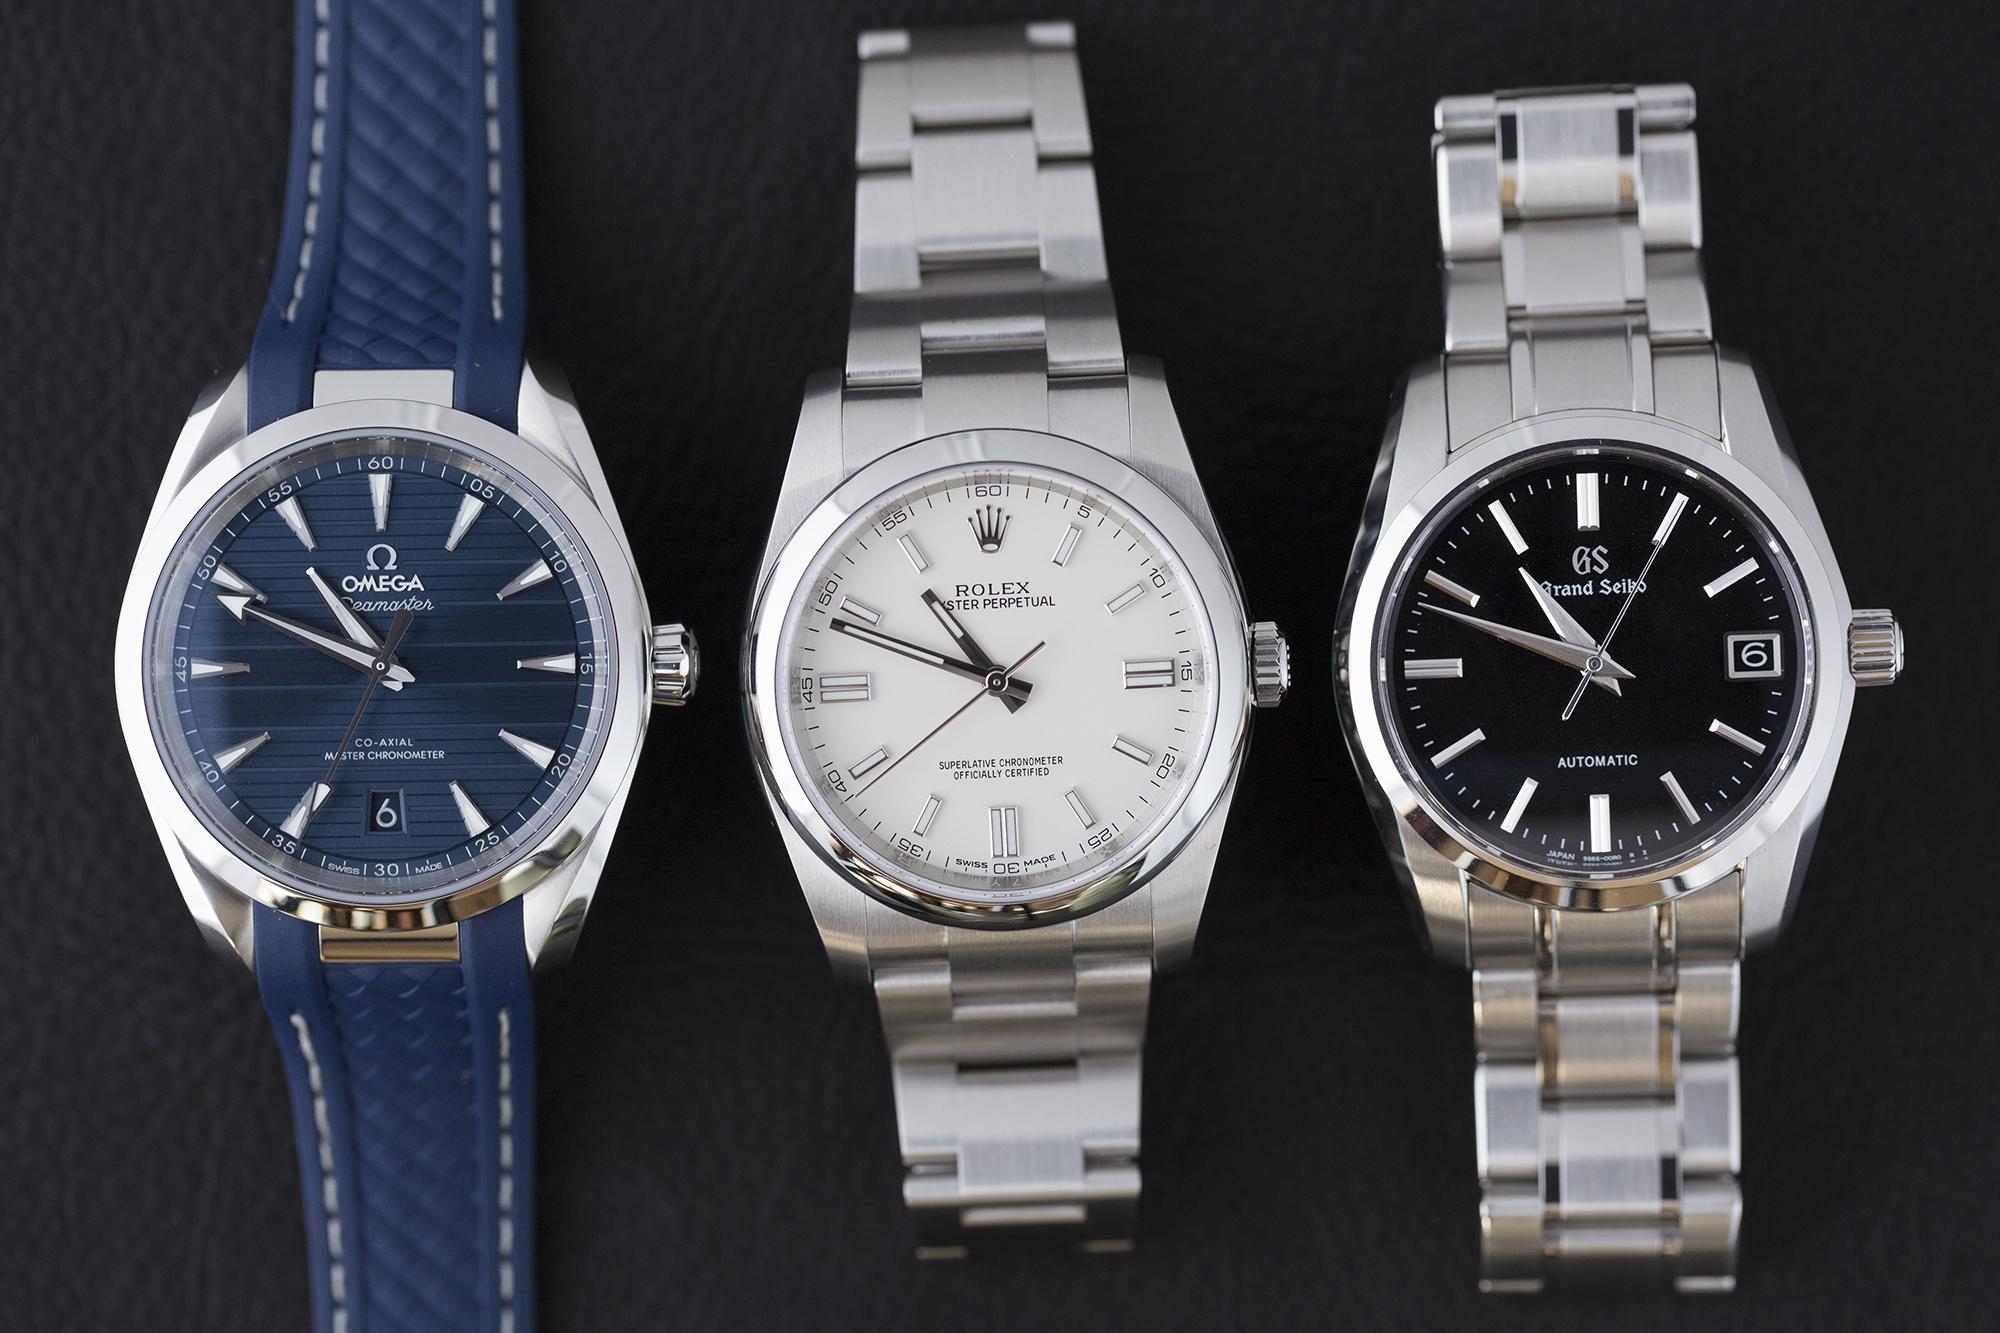 腕時計初心者が選ぶべき腕時計3選